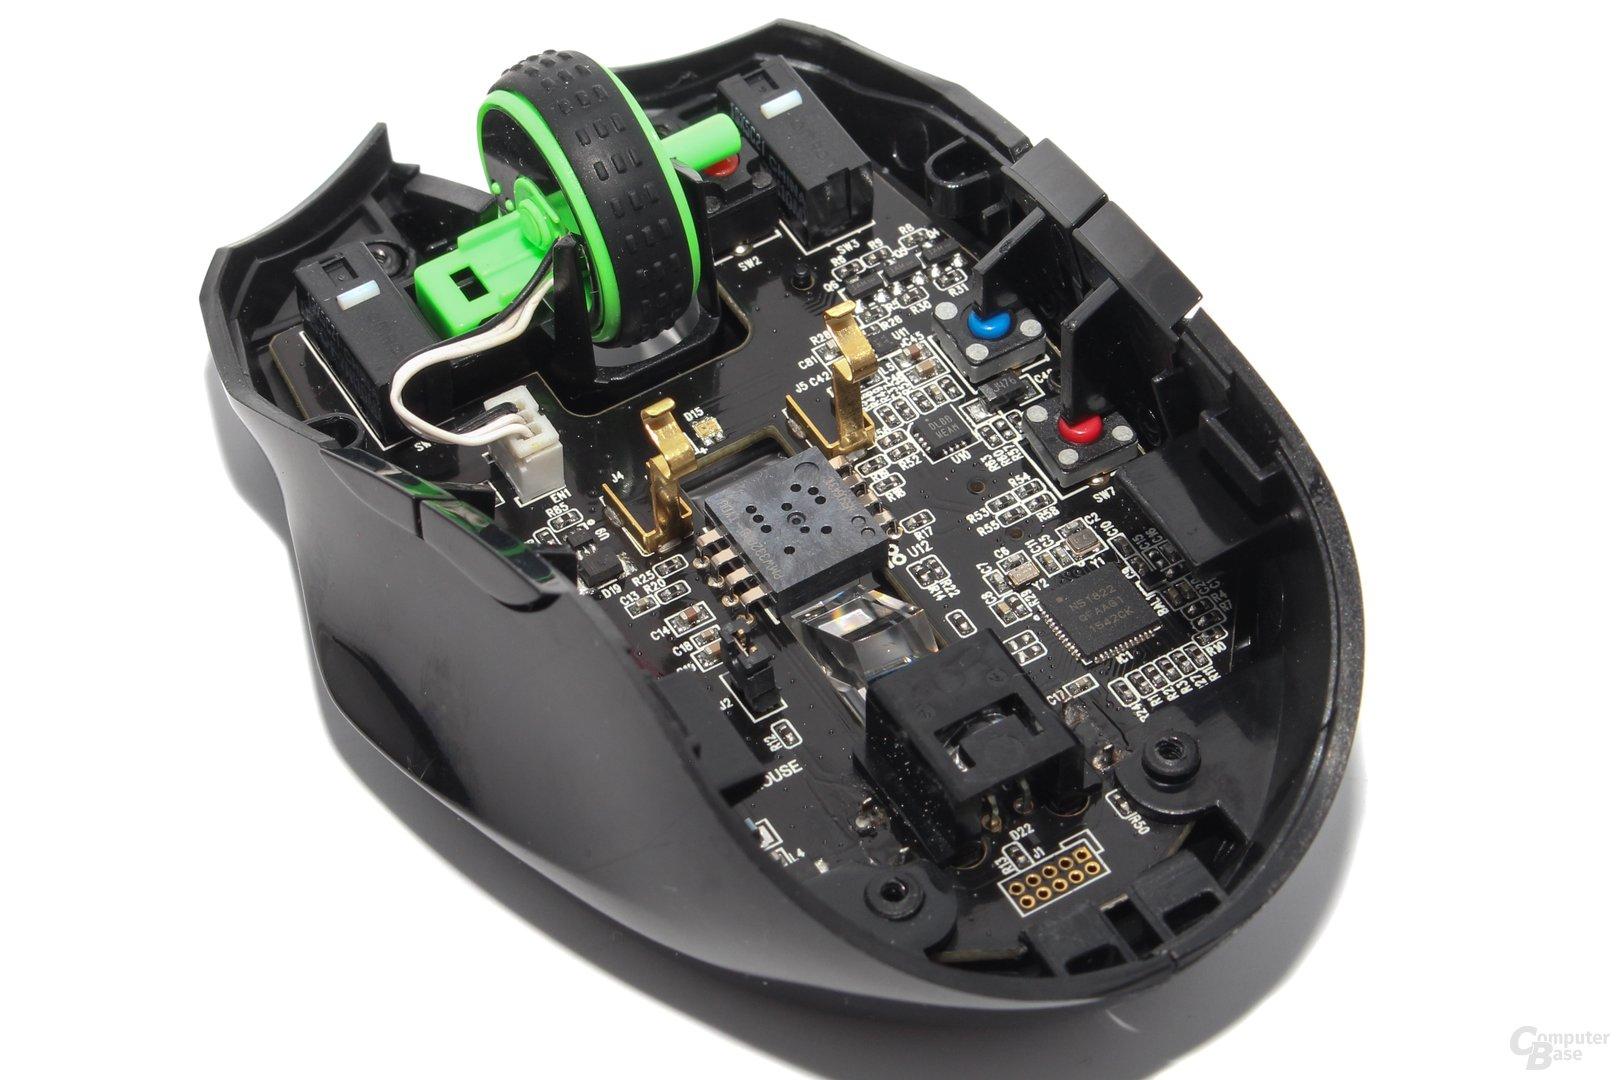 Der Nordic N51822 sorgt für Bluetooth-Funk